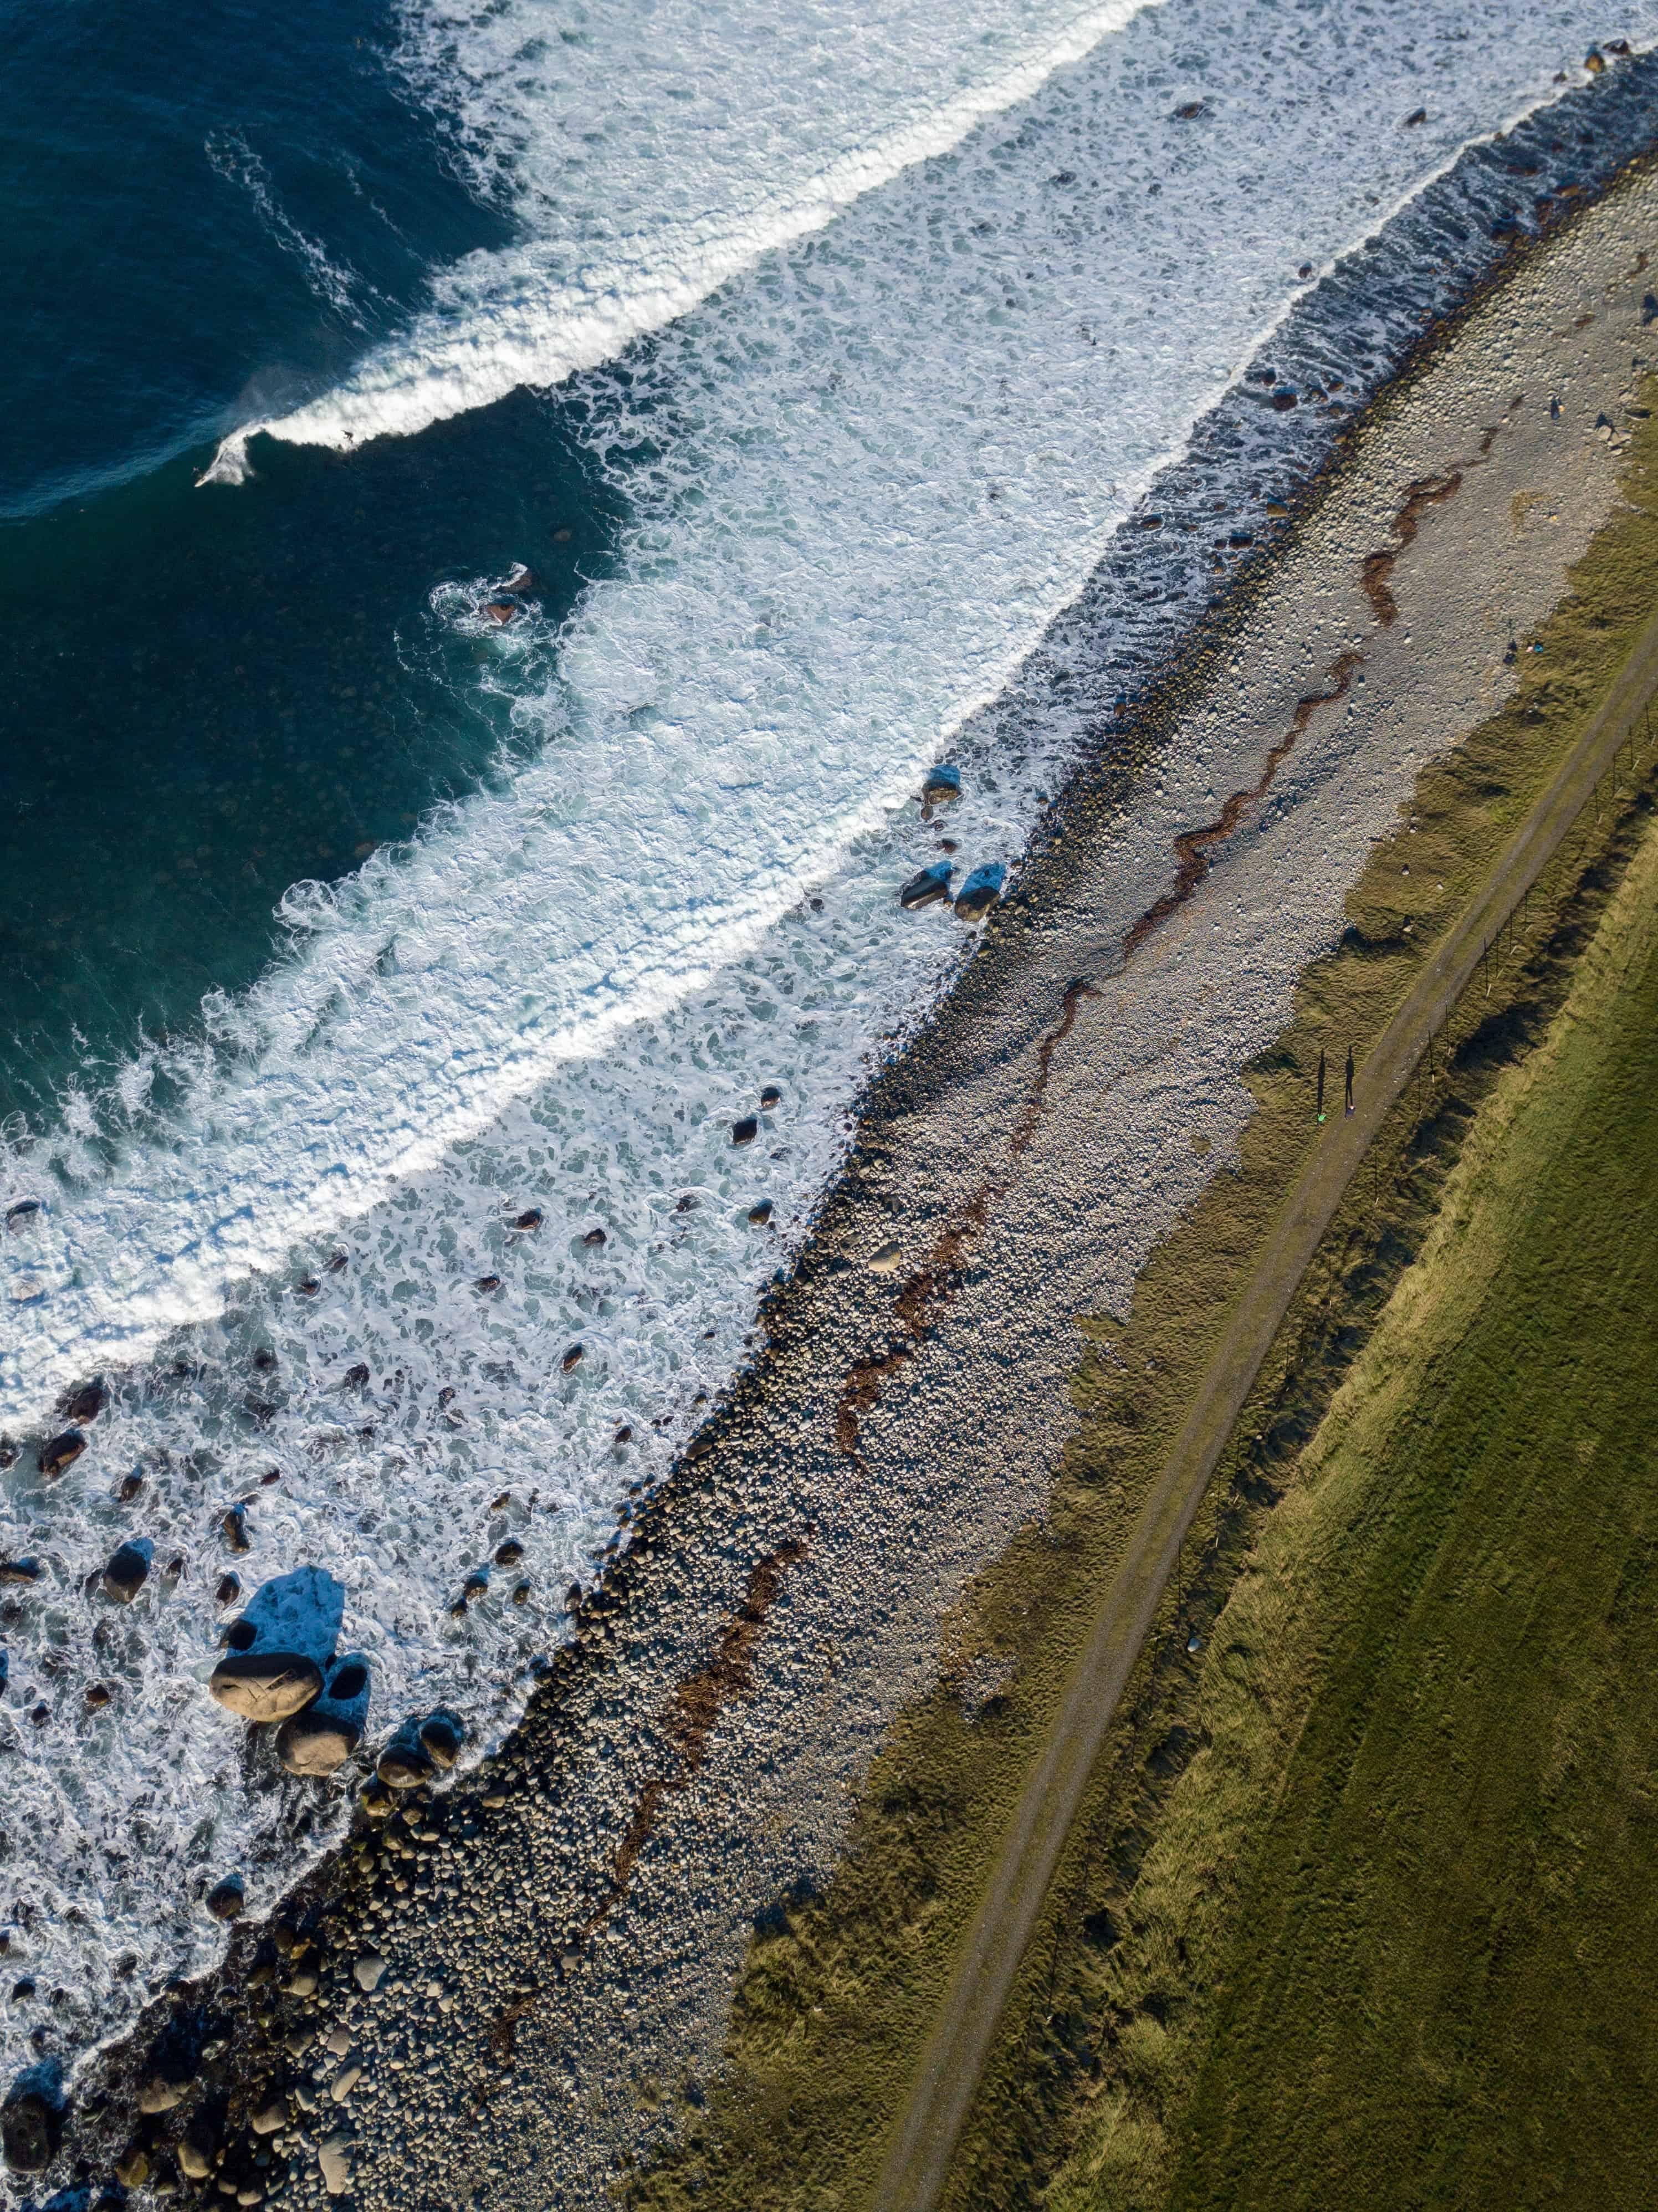 Surf fra oven - Foto Ivar Vasstveit